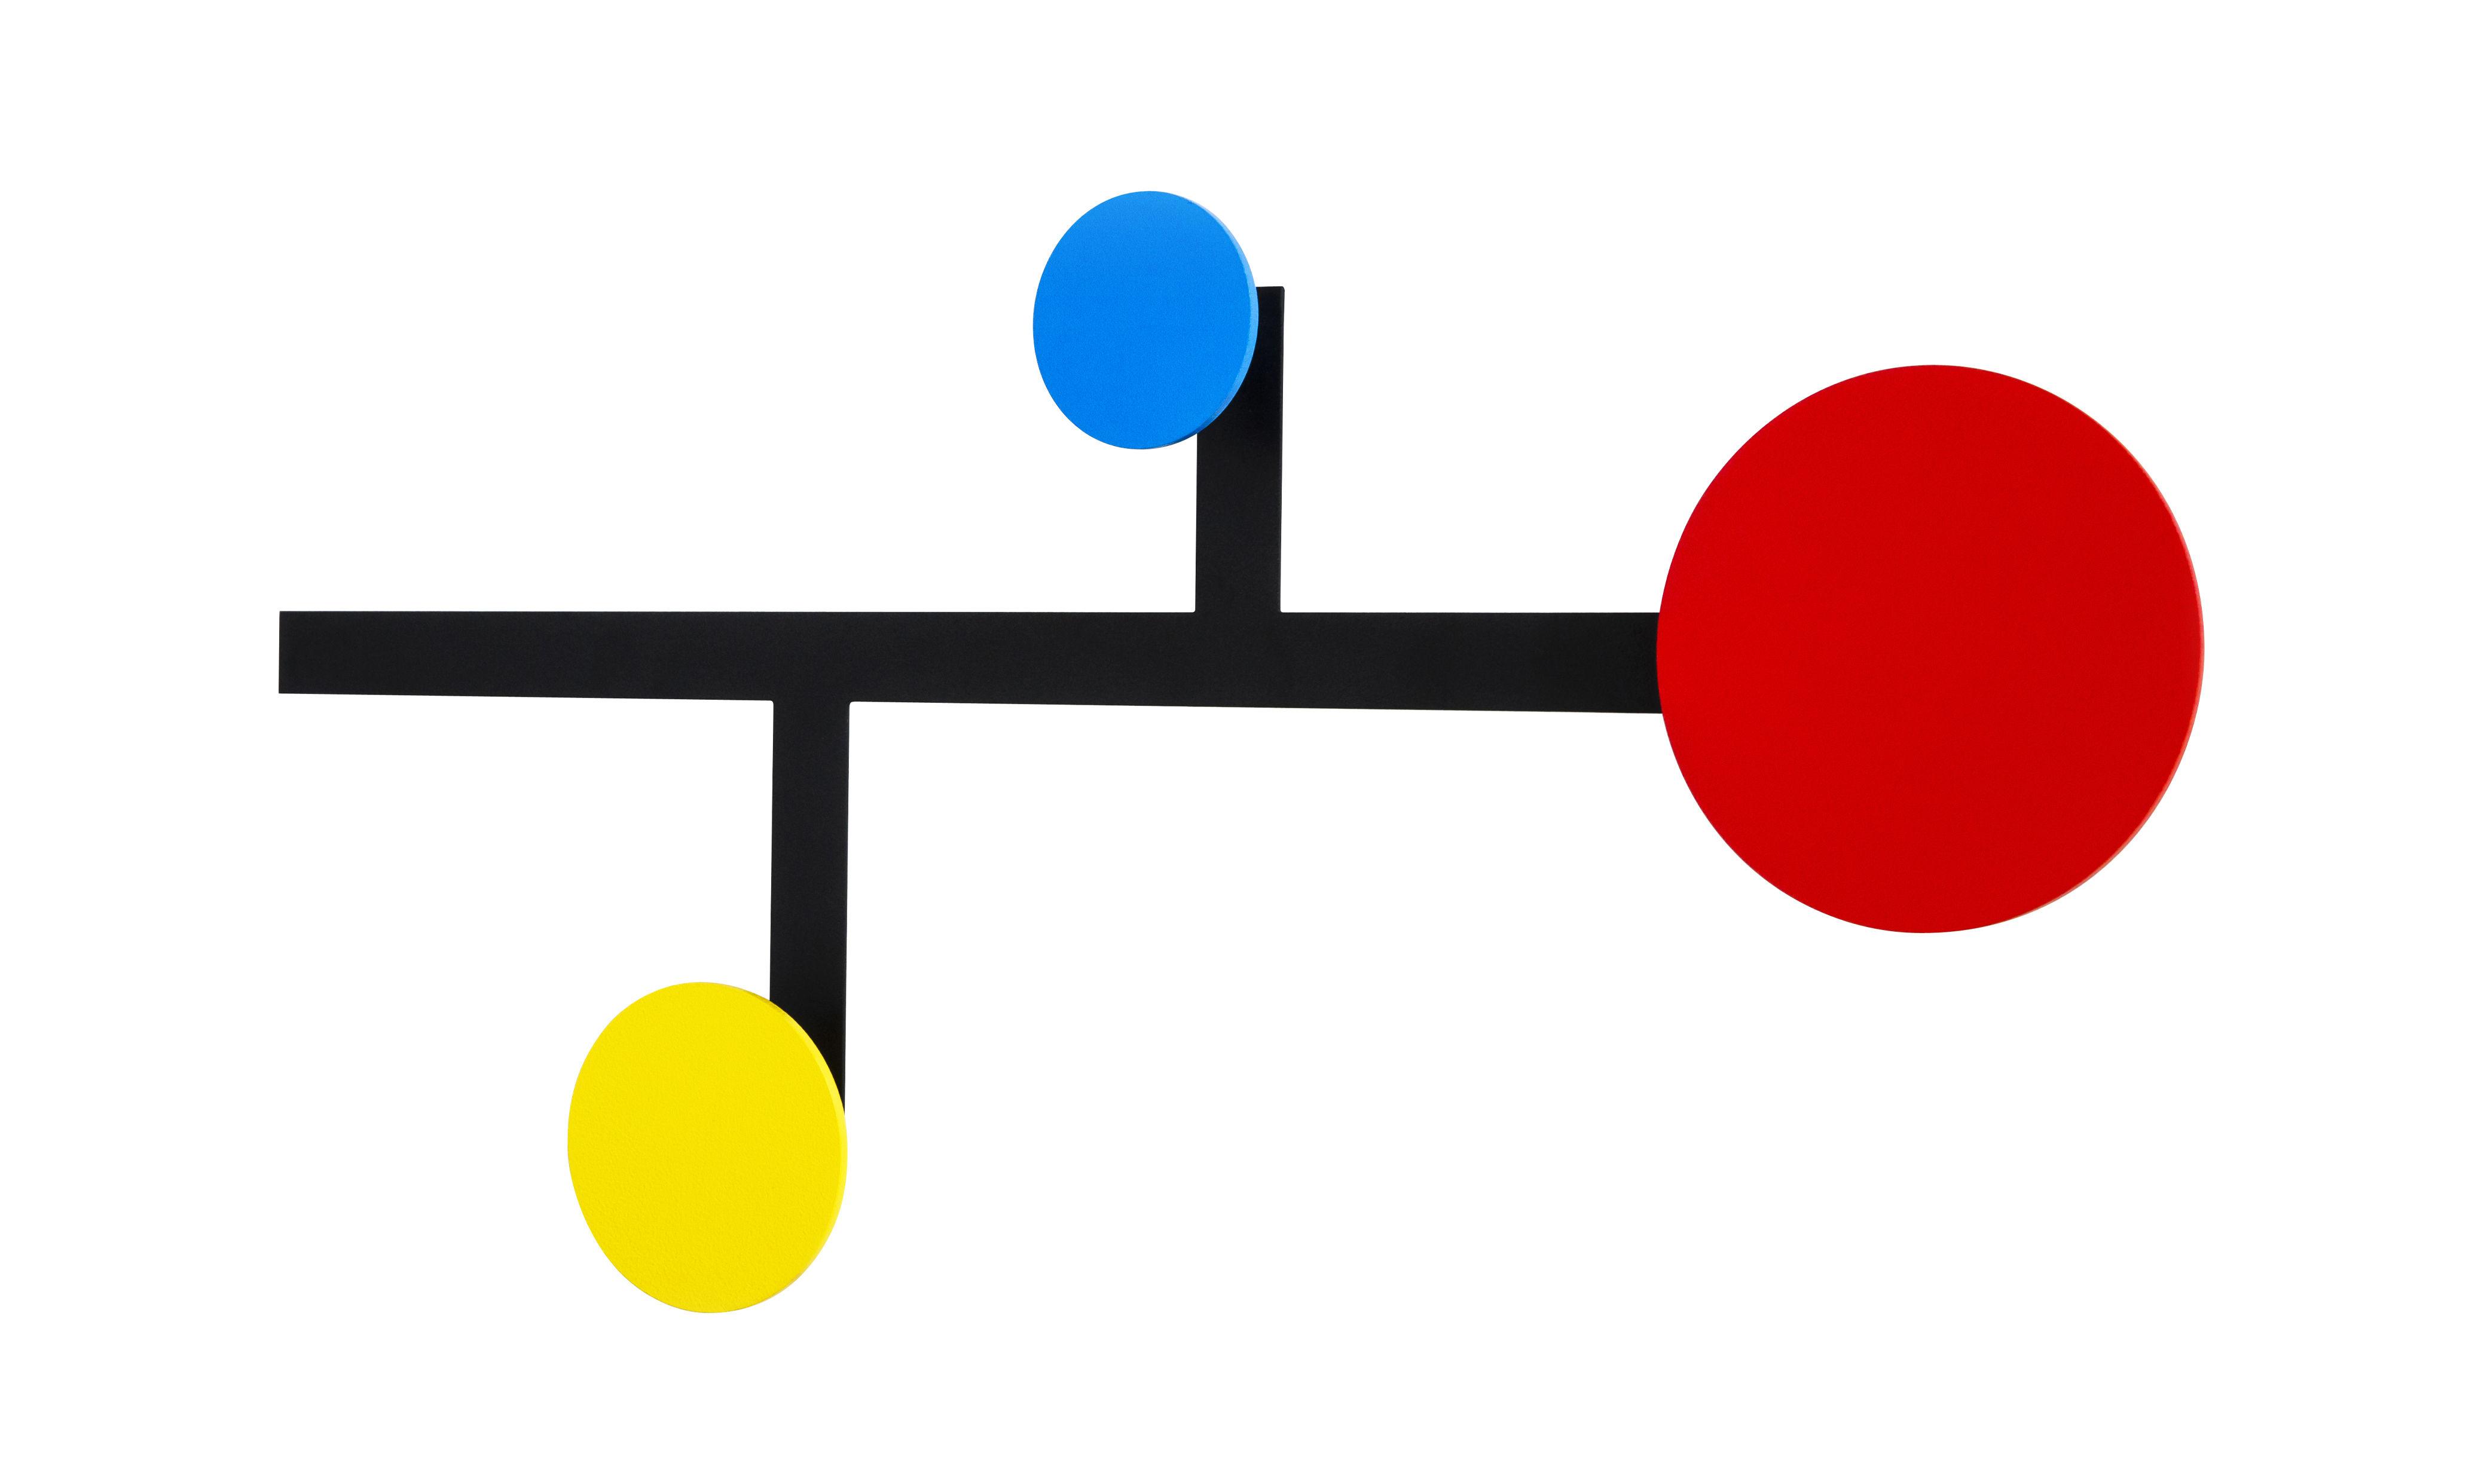 Mobilier - Portemanteaux, patères & portants - Portemanteau mural Piet / Métal - 3 patères - Presse citron - Rouge, jaune, Bleu / Structure noire - Acier laqué